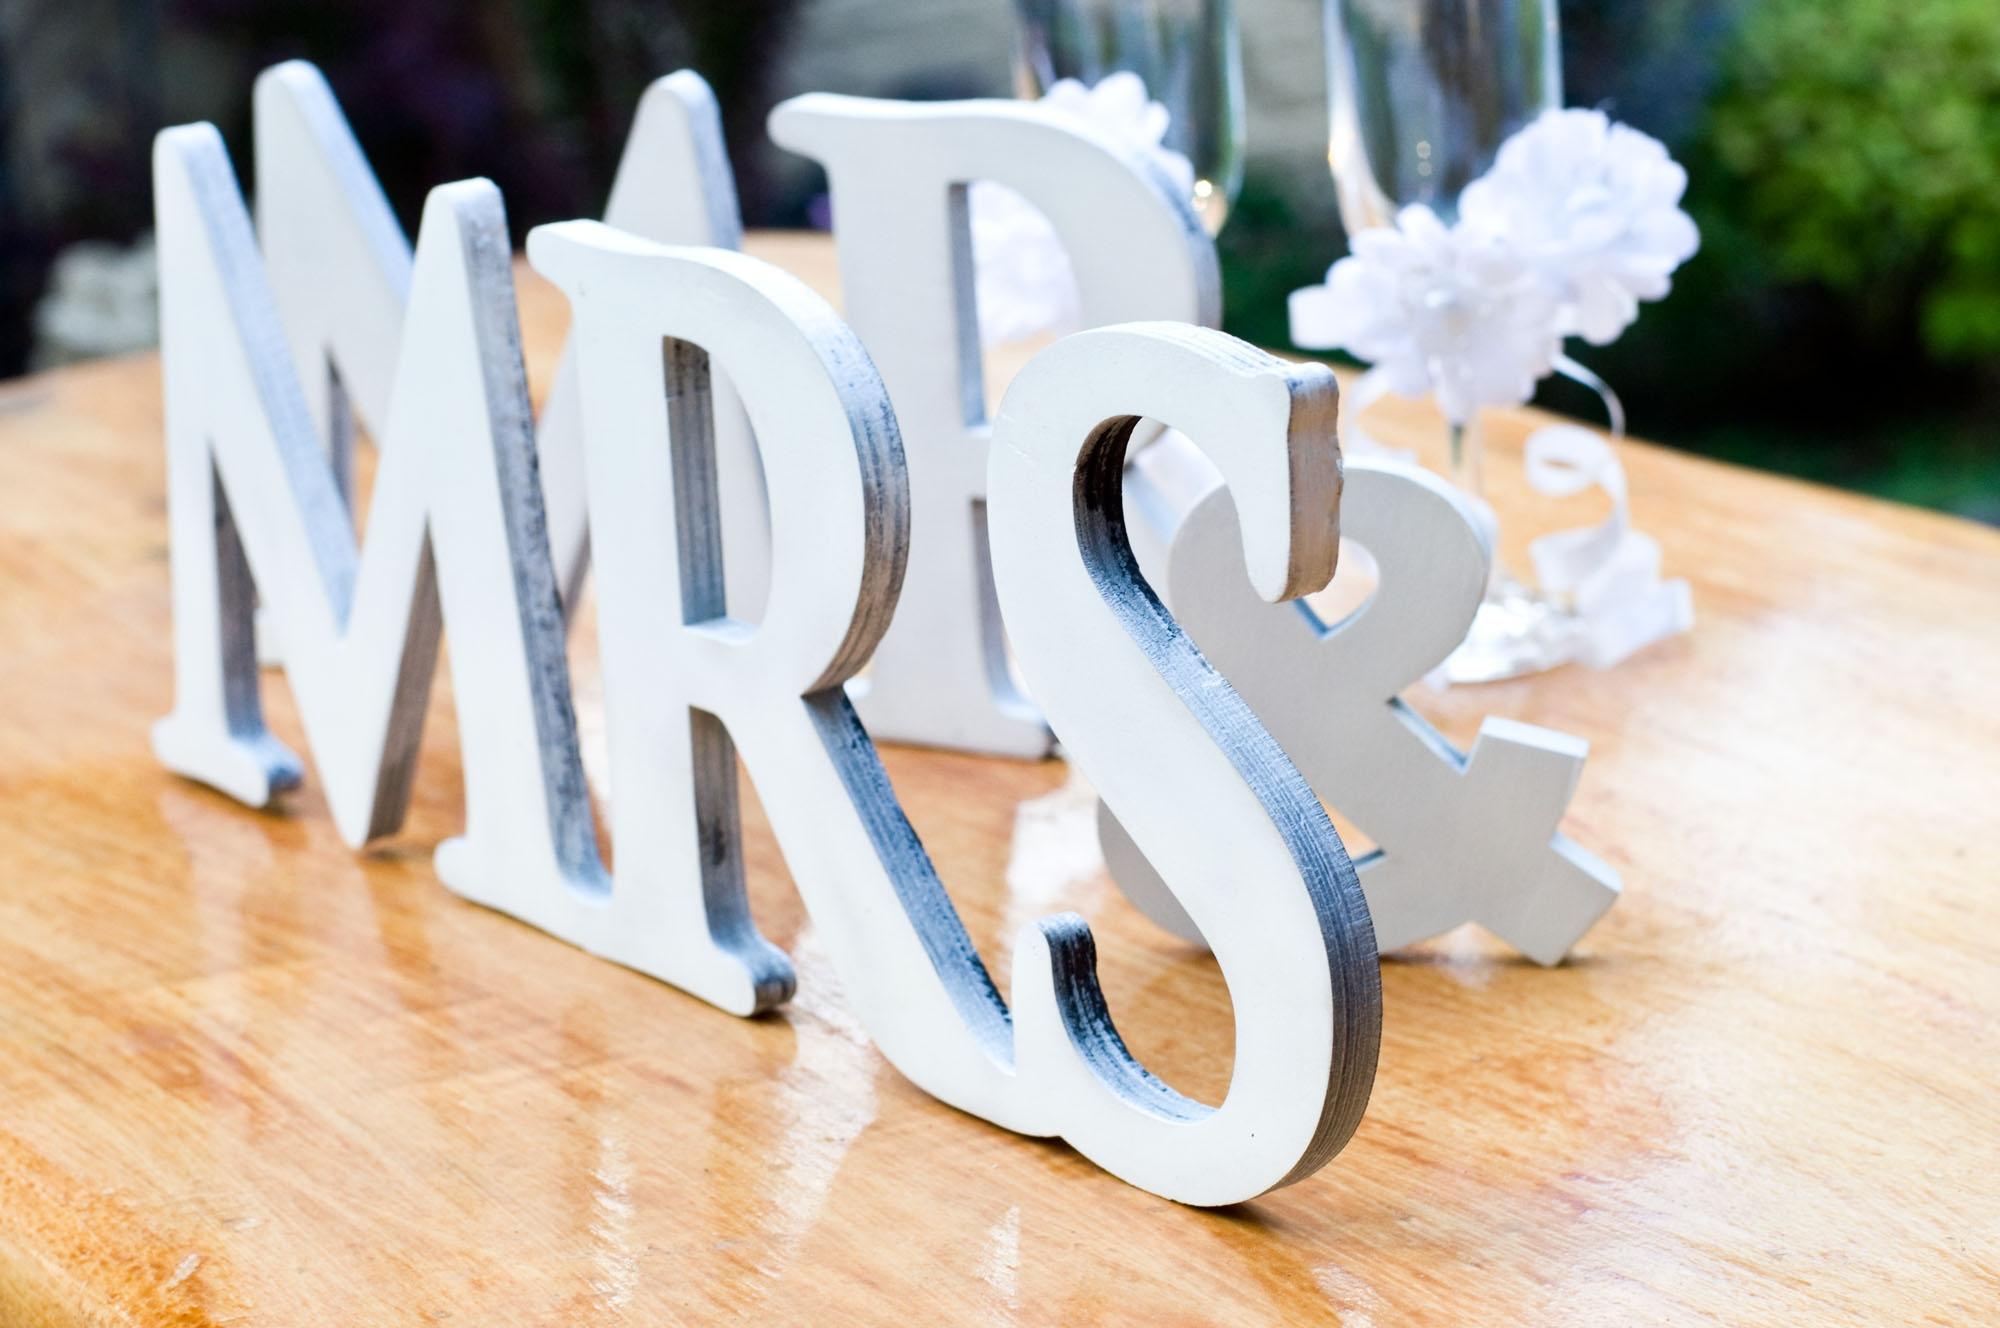 Деревянные слова из фанеры. Лазерная резка фанеры, изготовление свадебного декора